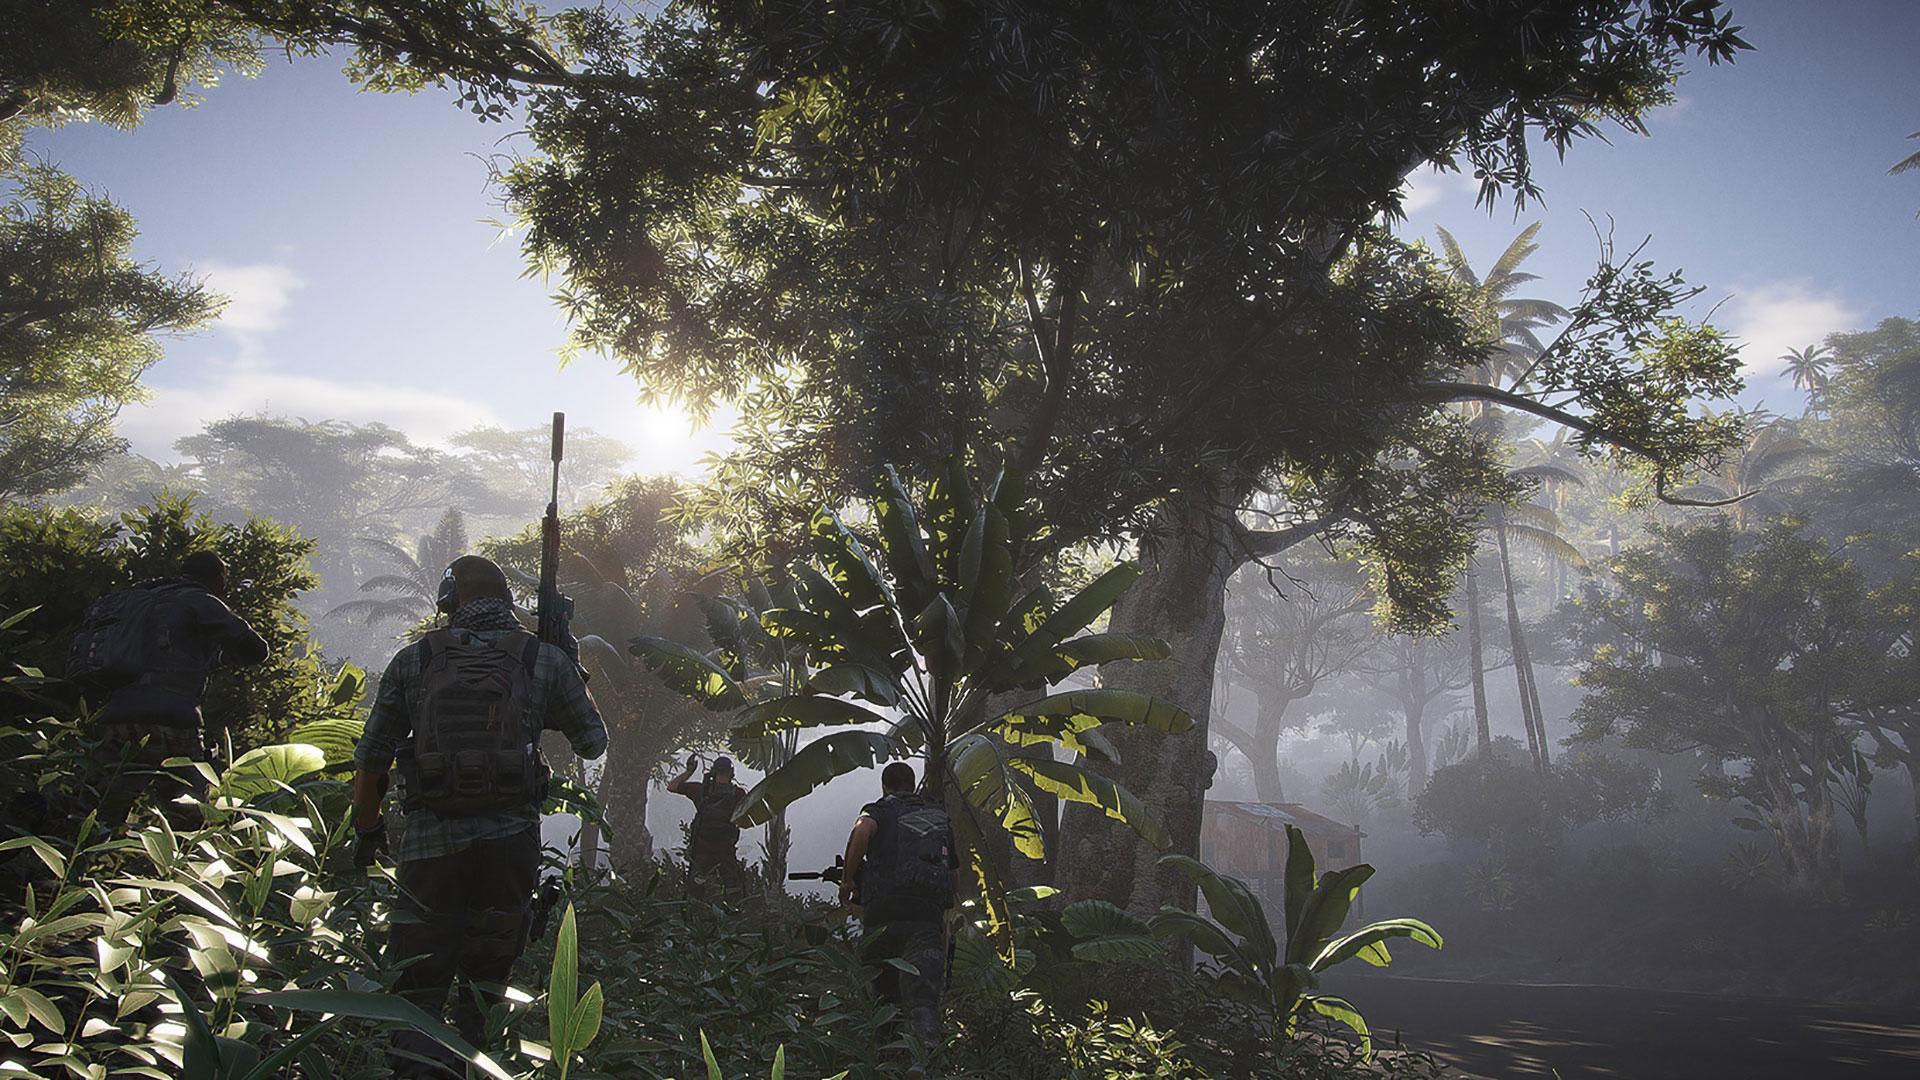 Fra frodig jungel til steppelandskap. Wildlands tilbyr alt. (Foto: Ubisoft)